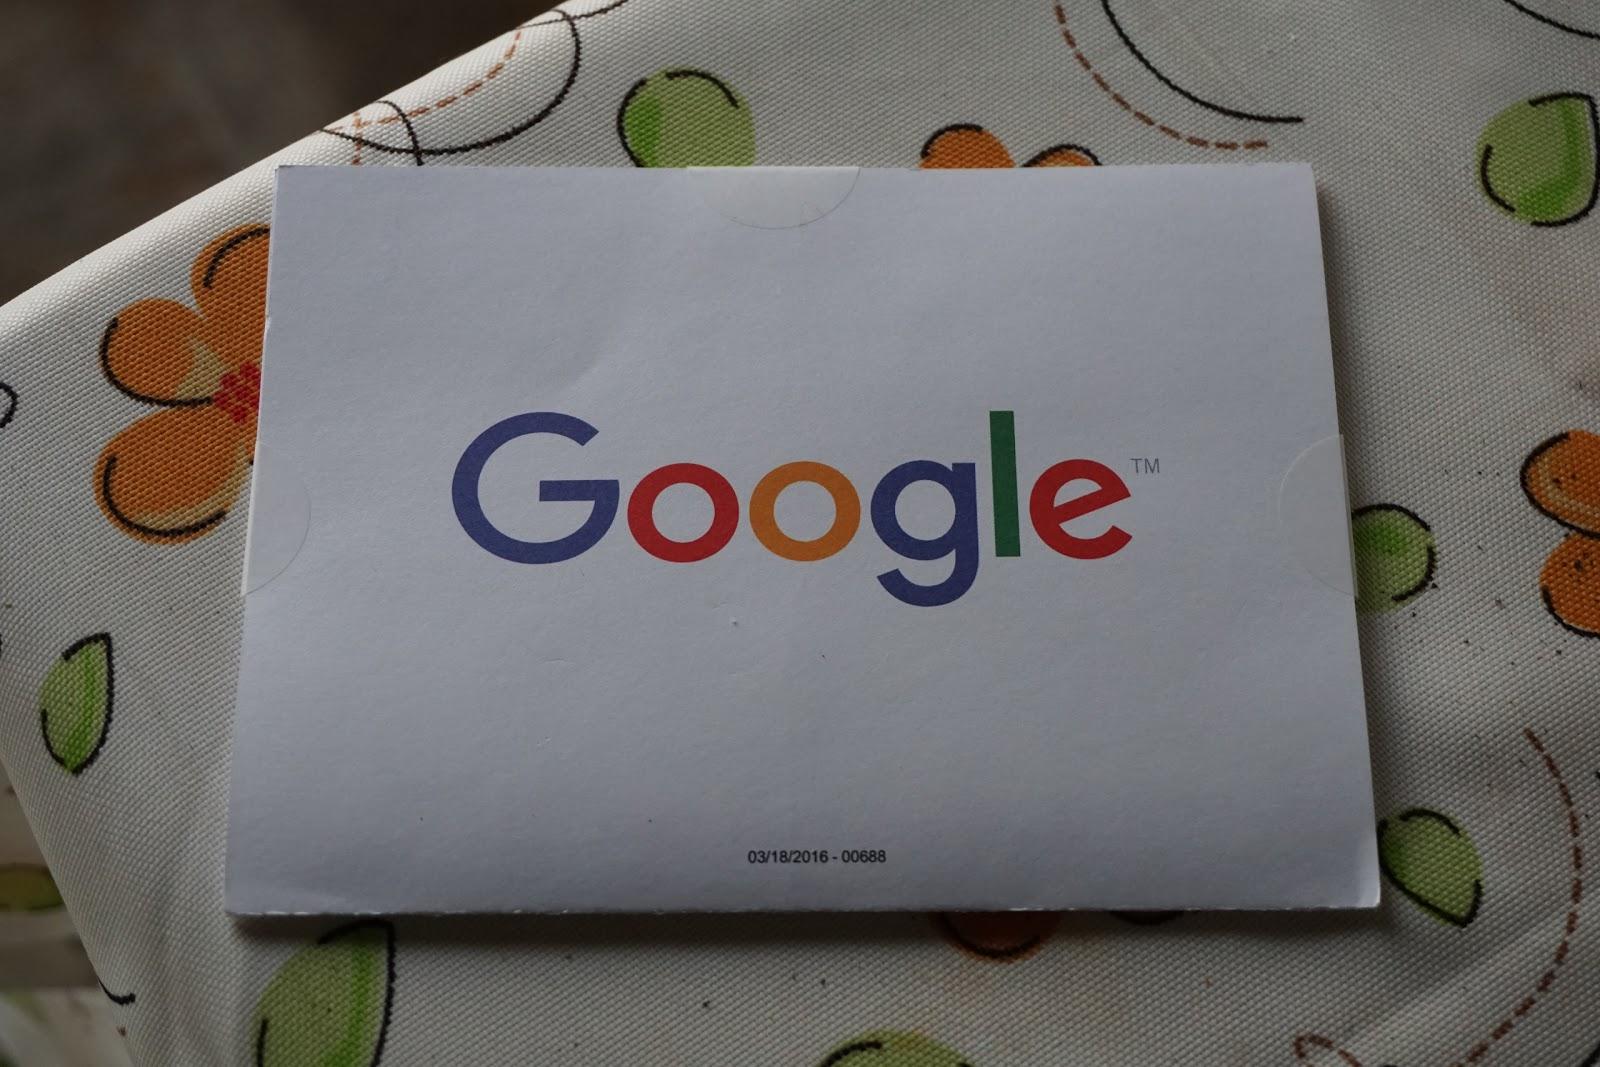 Googleアドセンスの個人識別番号が封入されたGoogleのロゴ入りの封筒